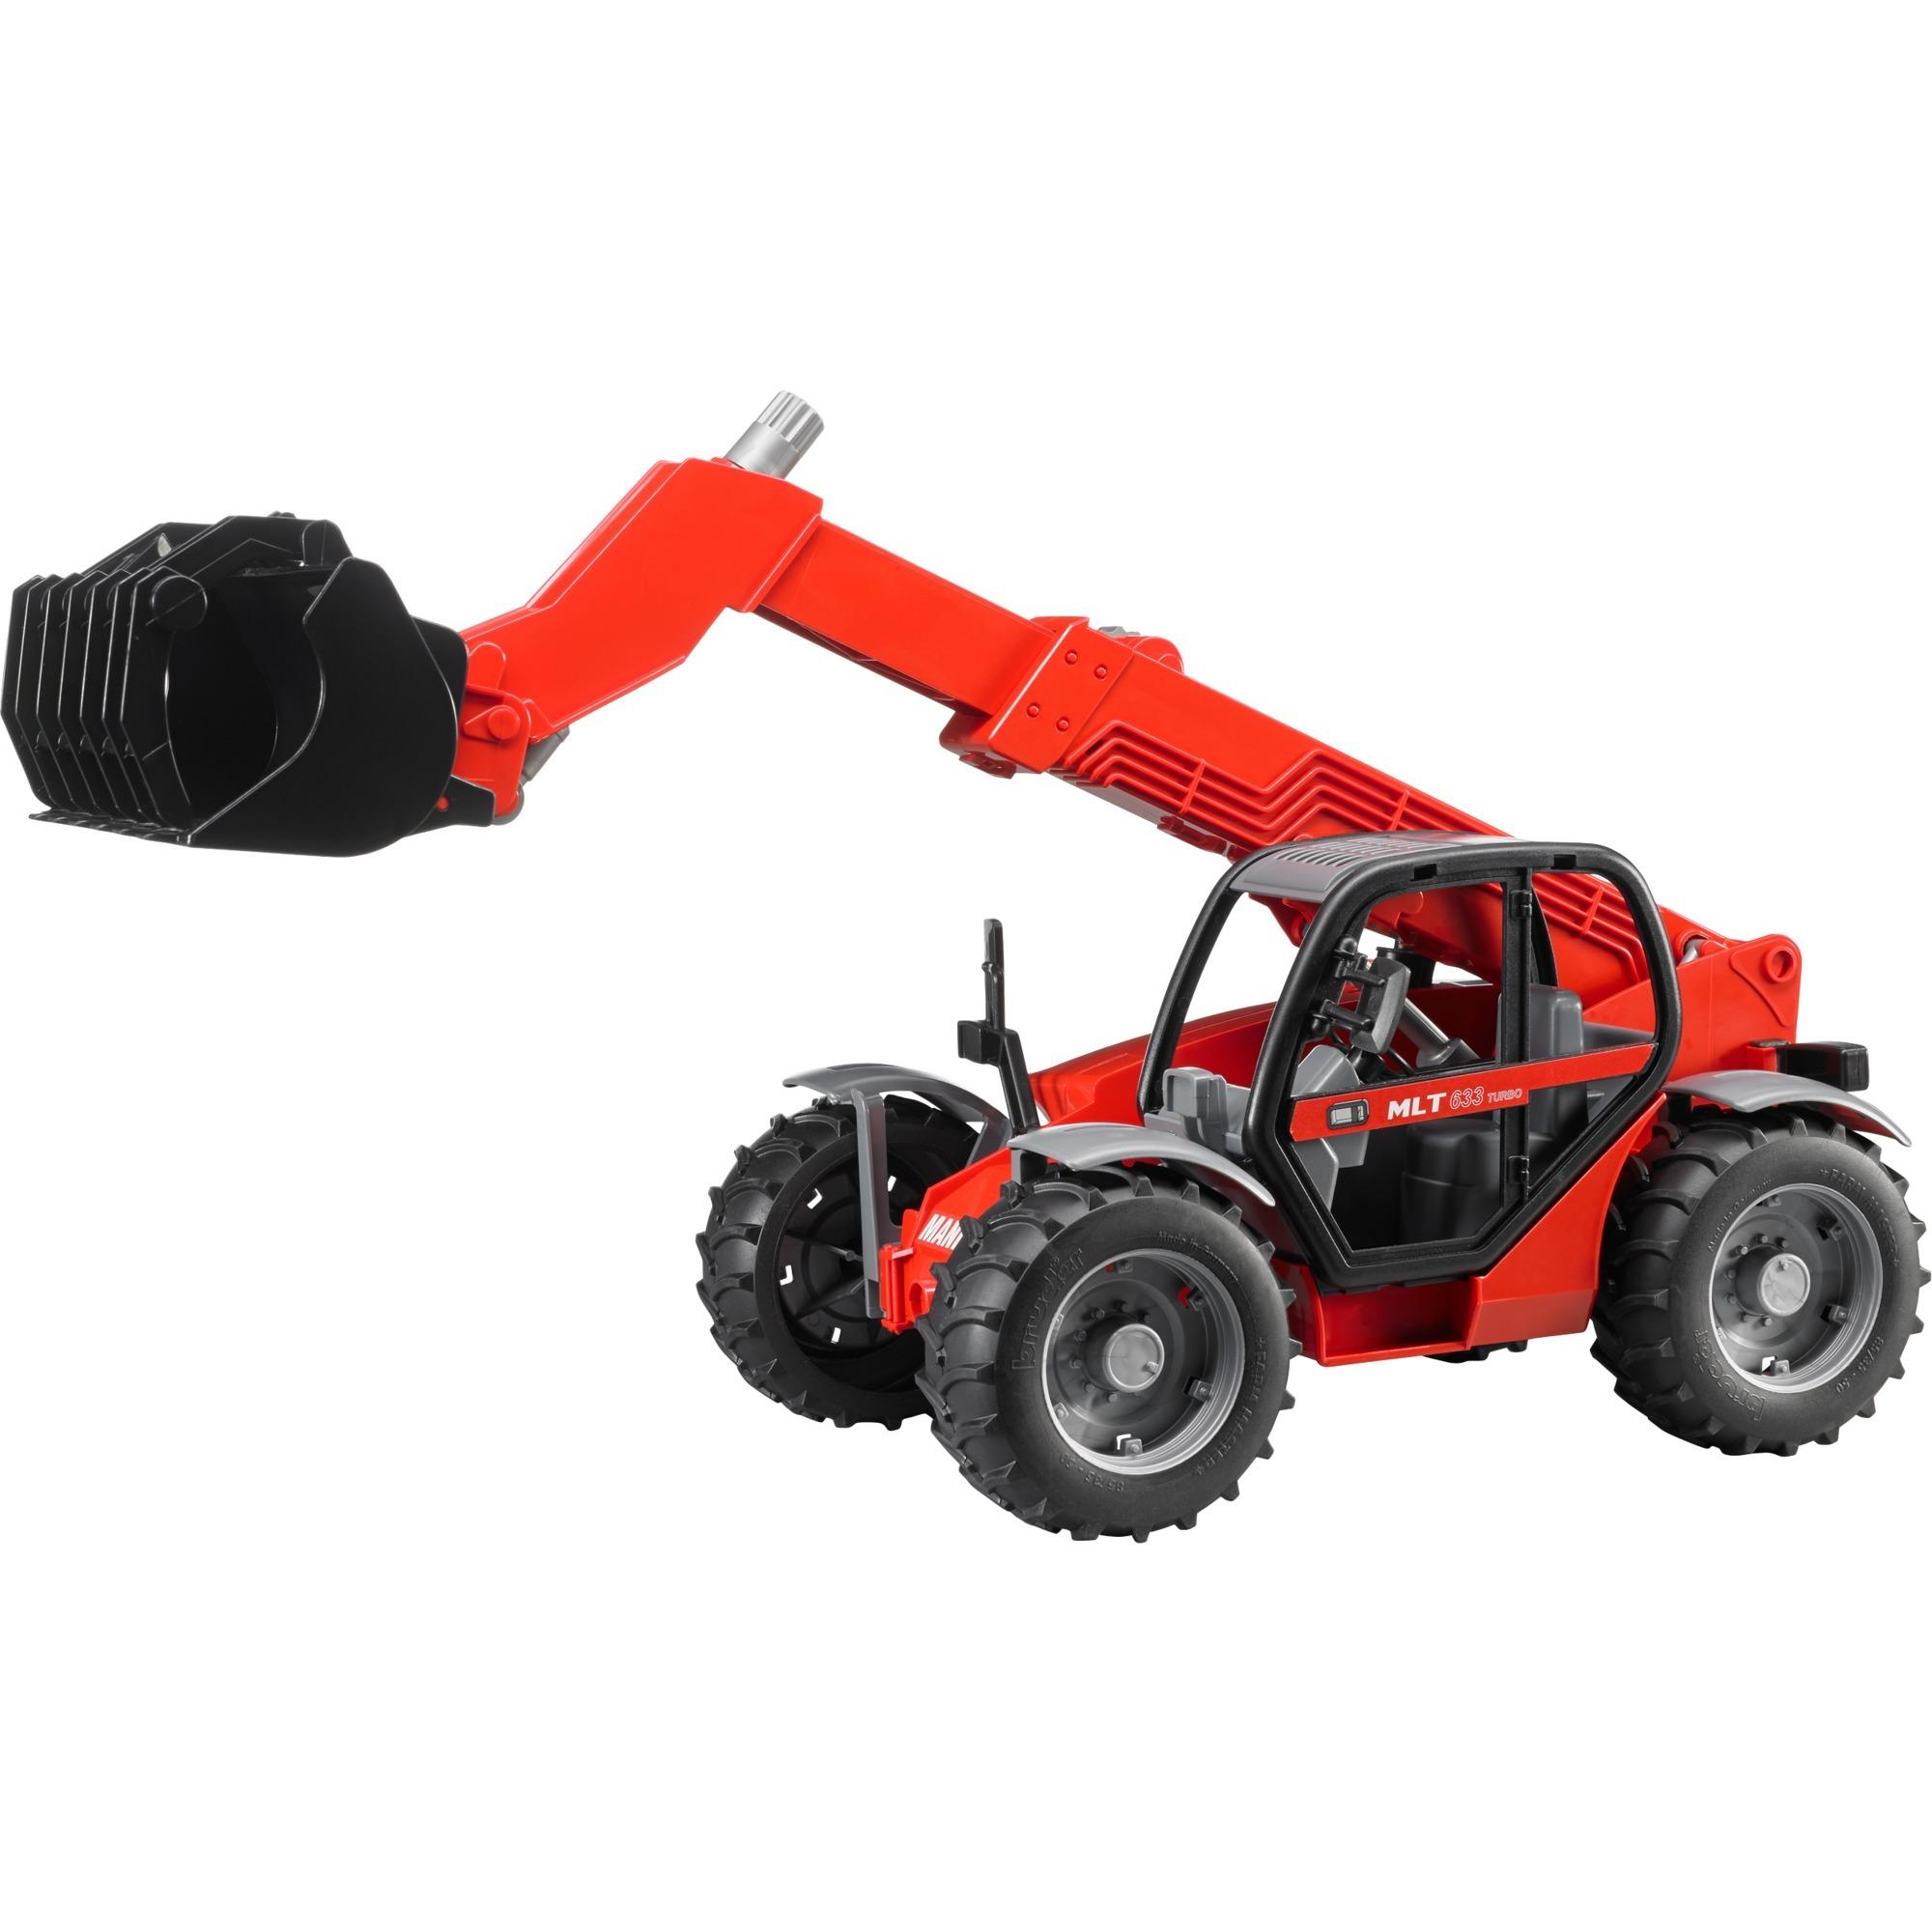 02125 modelo de juguete, Automóvil de construcción